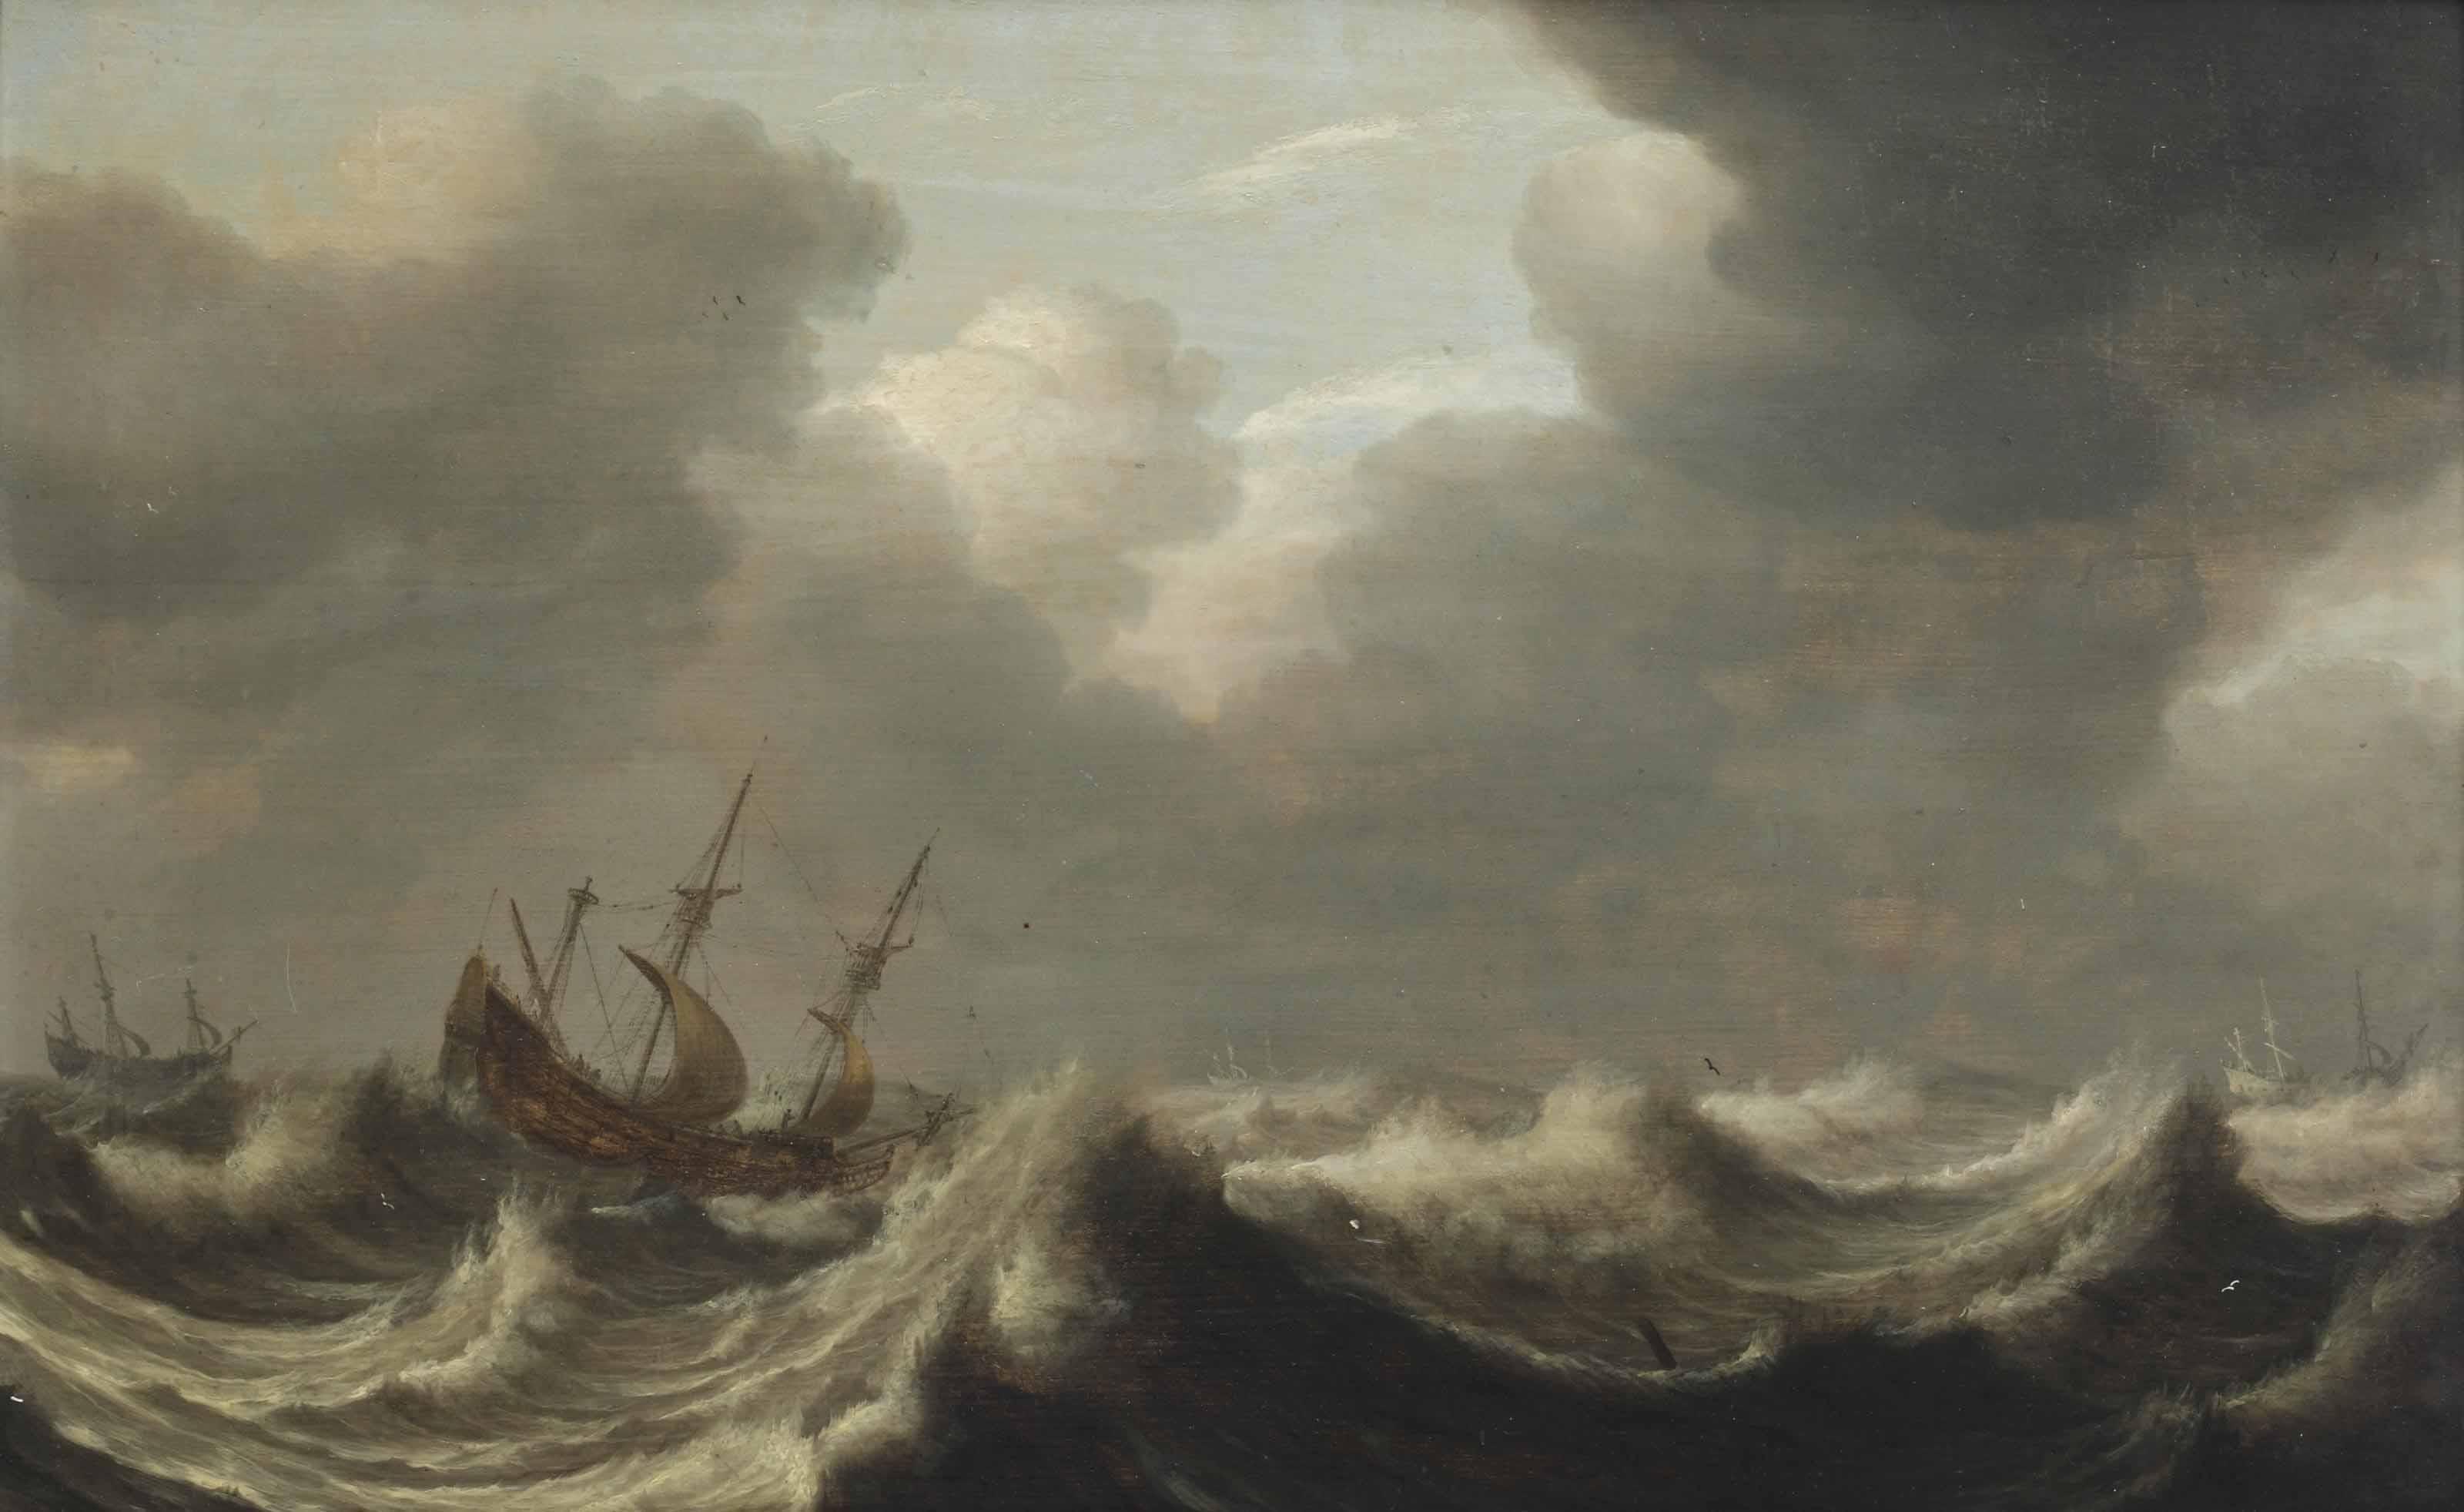 Pieter Mulier I (Haarlem 1600/